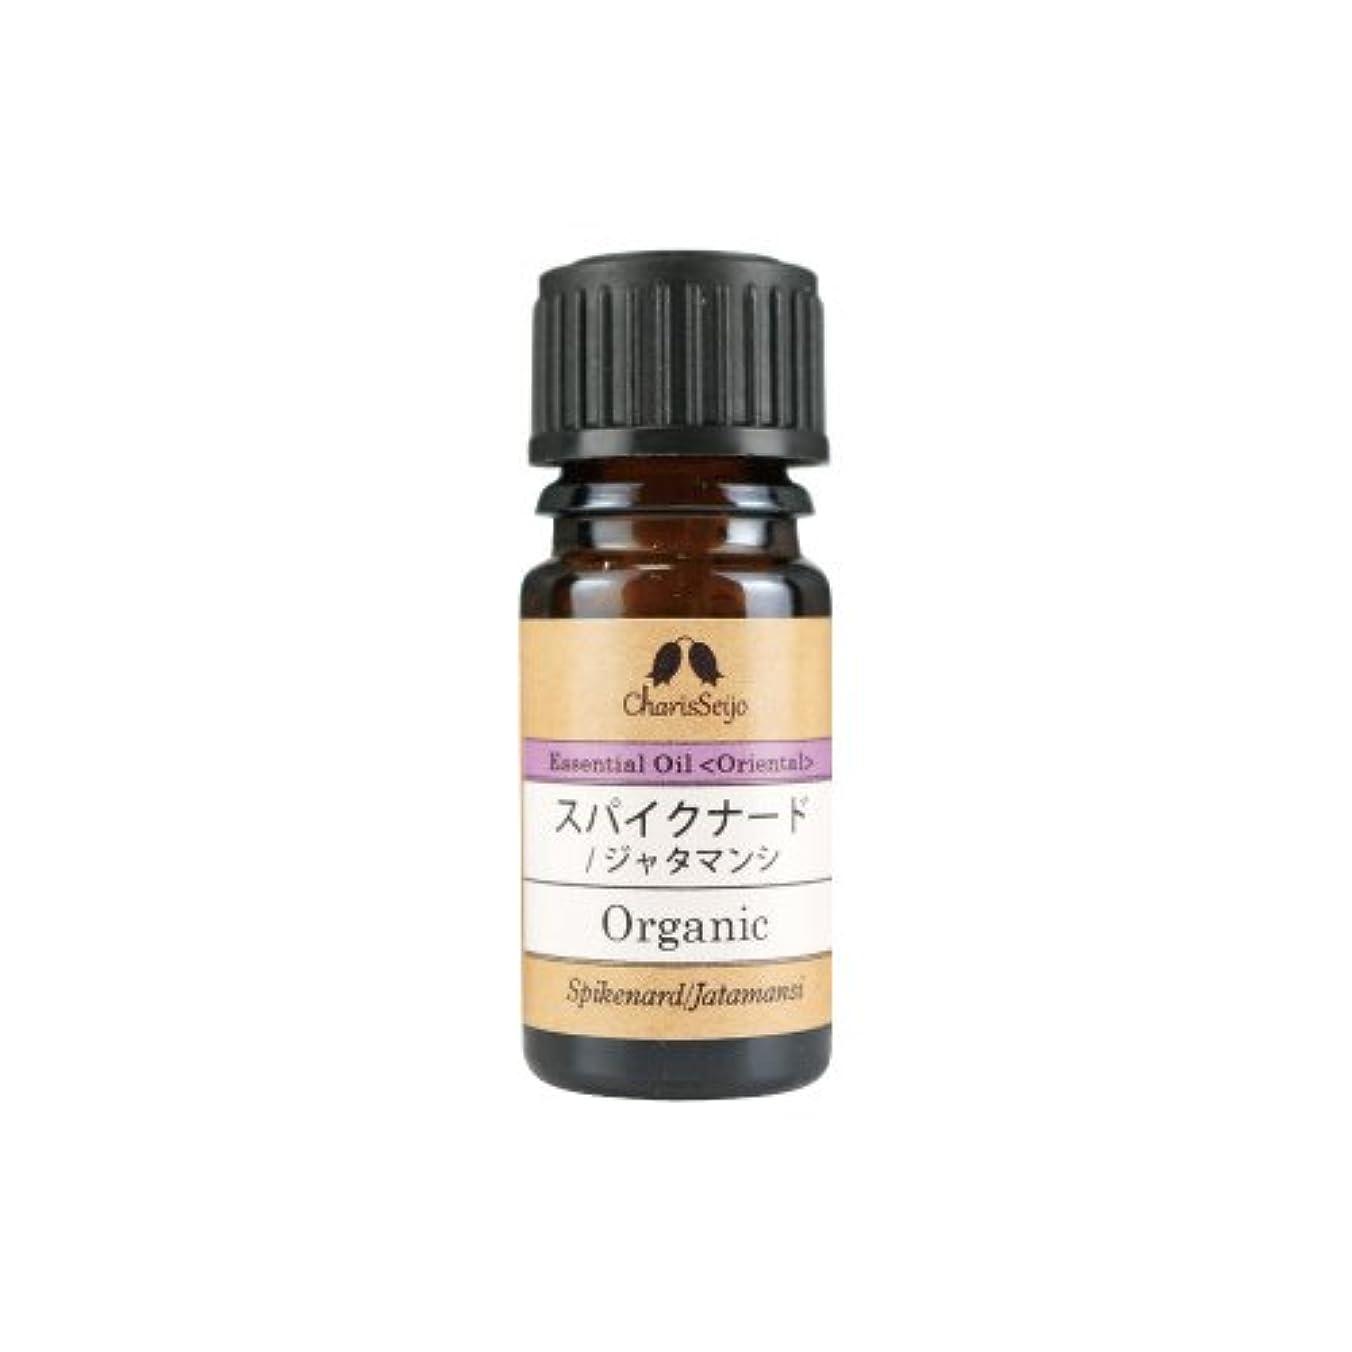 自然できないアクションカリス エッセンシャルオイル スパイクナード/ジャタマンシ Organic 10ml